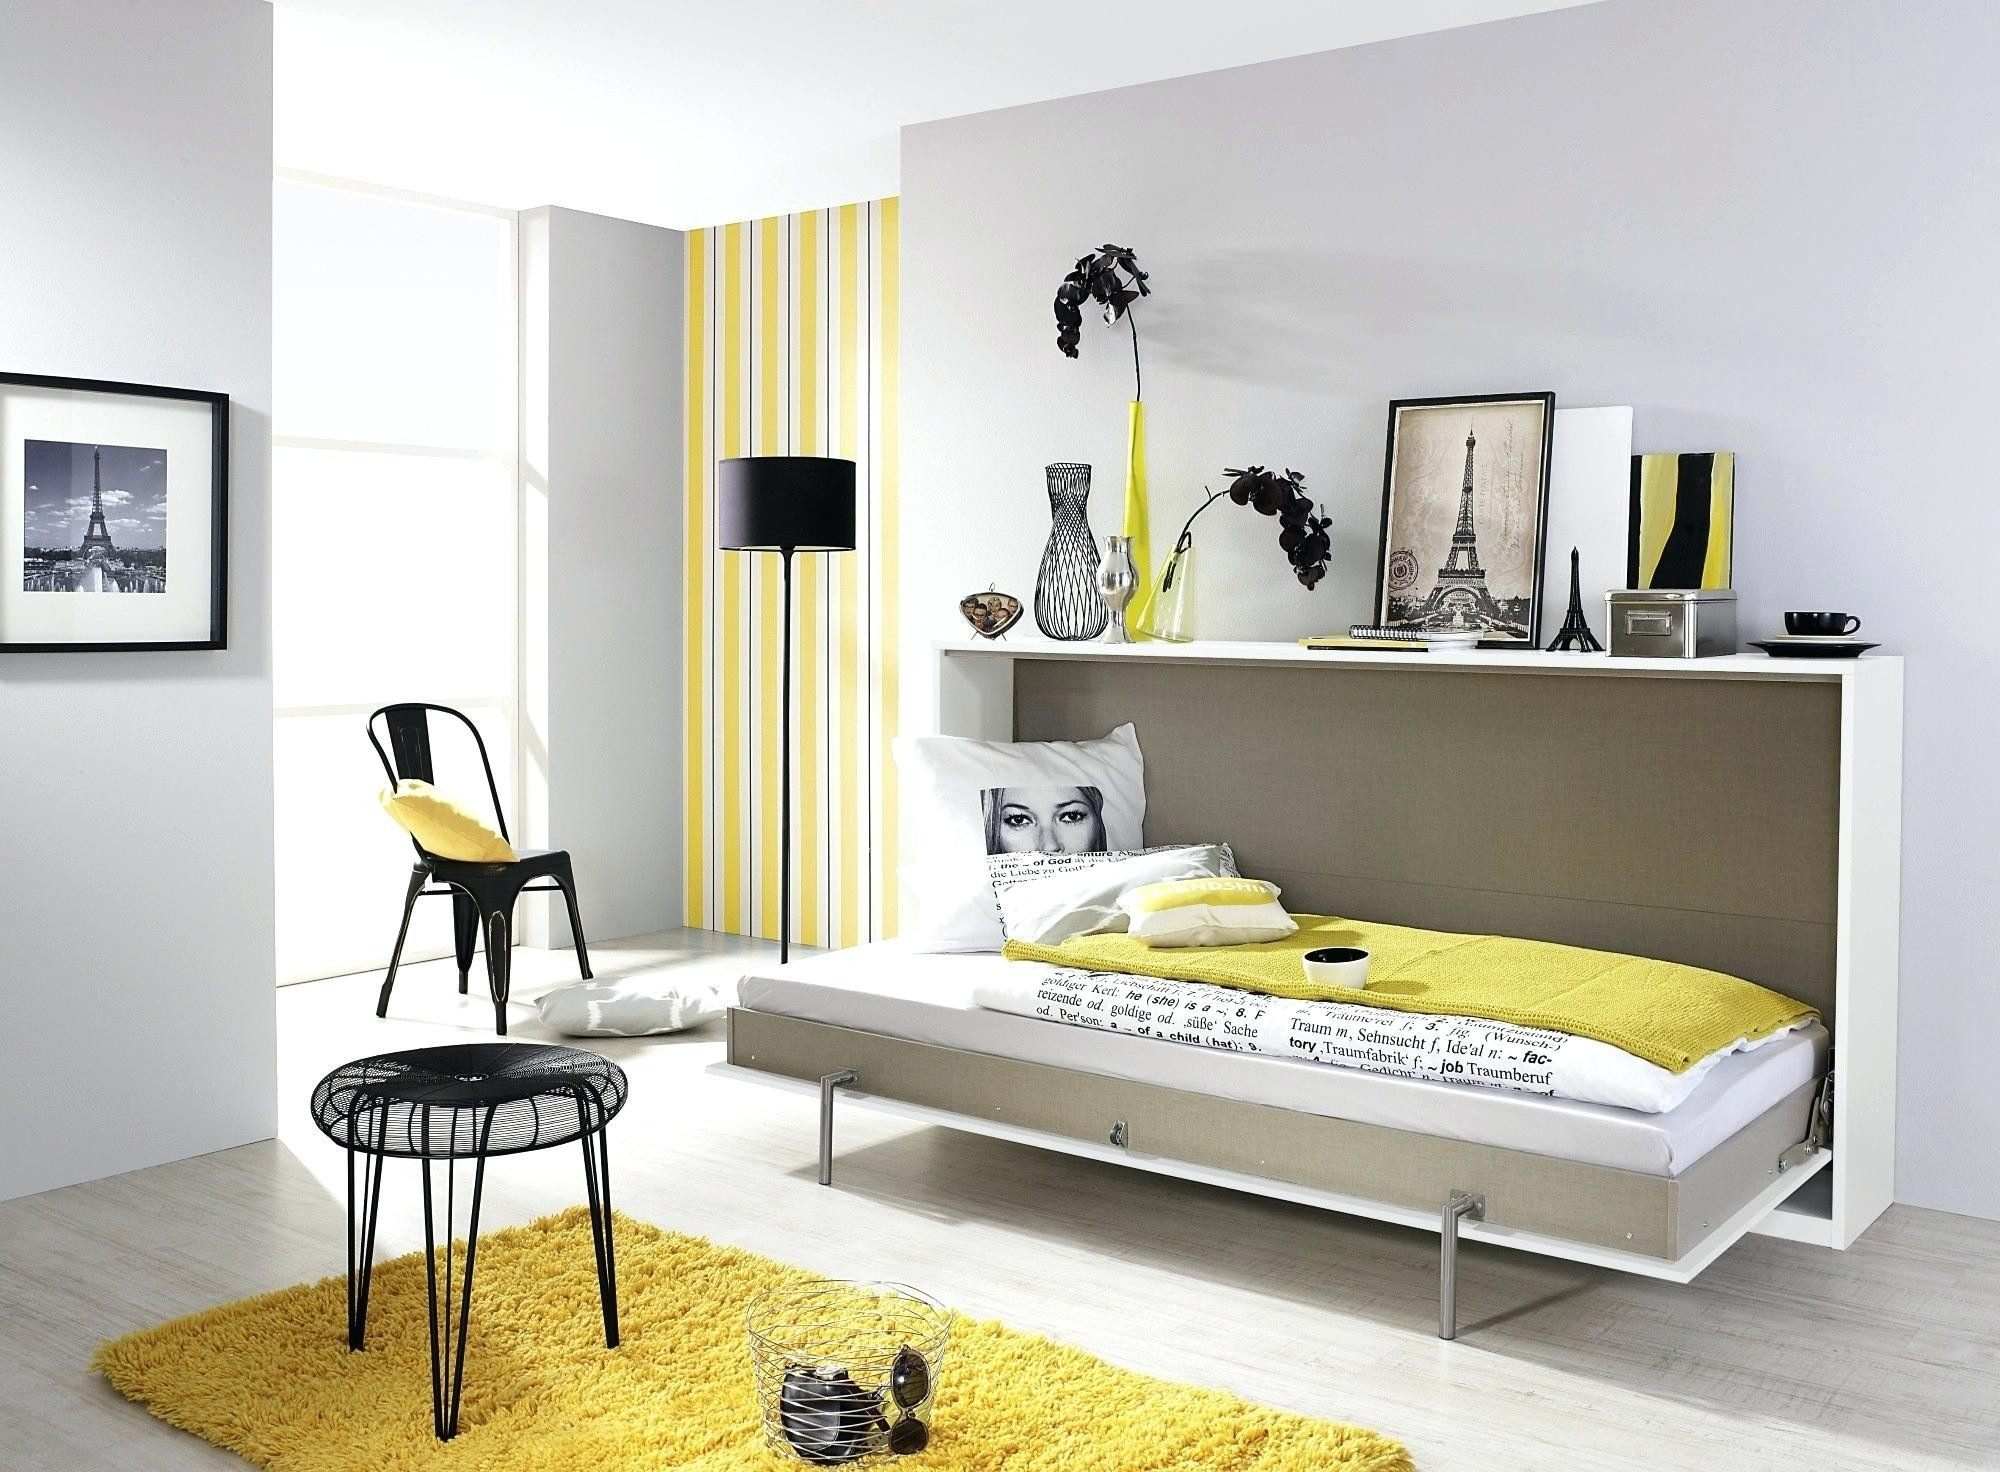 Lit Clic Clac Ikea Agréable Ikea Maroc Fauteuil Lit 1 Personne Nouveau Bz 2 Places Cheap Ikea U